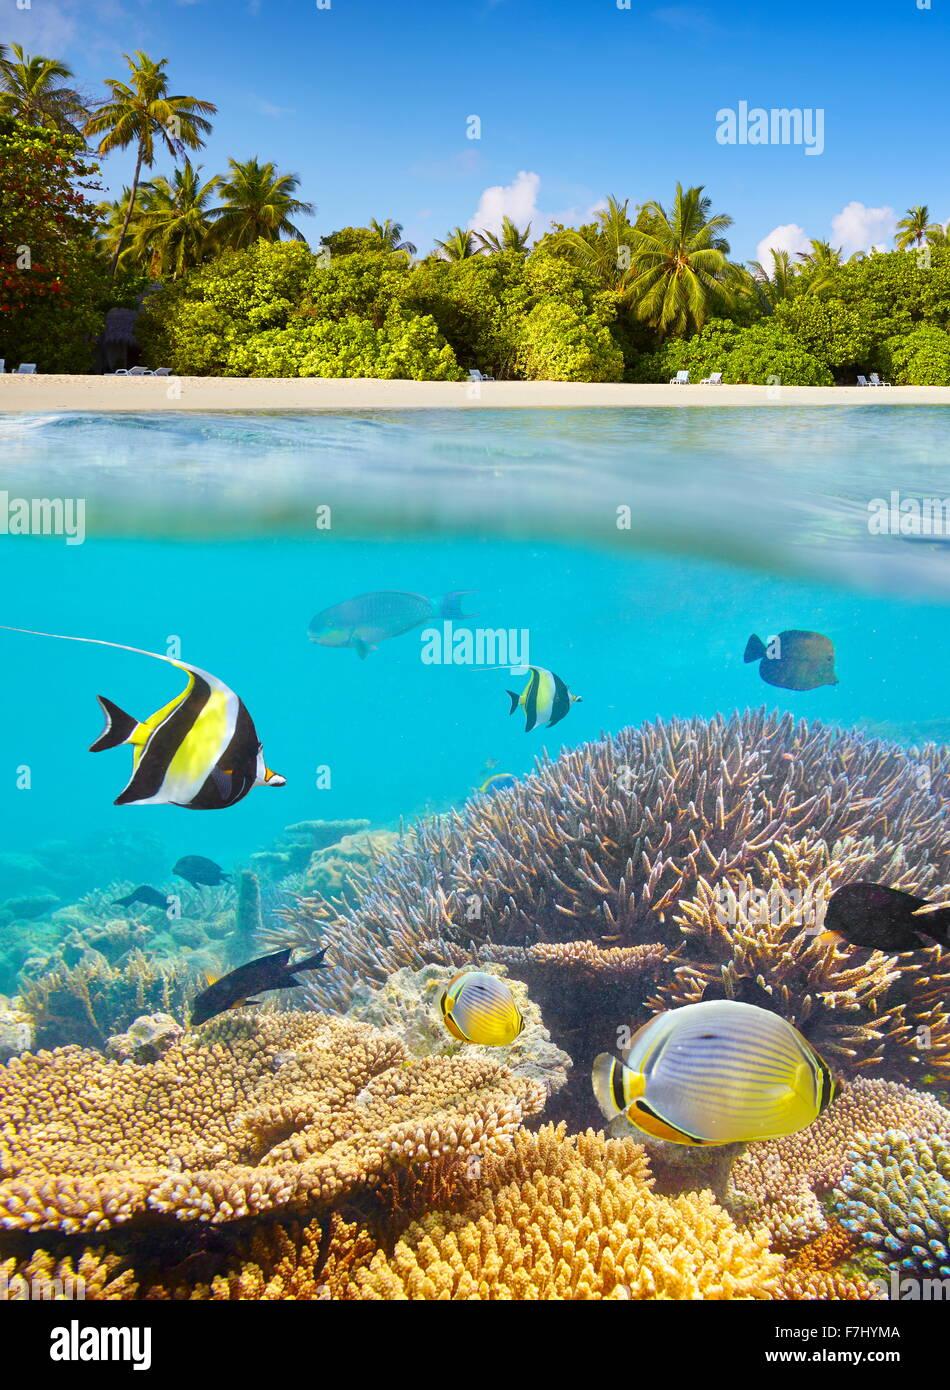 Islas Maldivas - vista submarina en peces tropicales y arrecifes Foto de stock